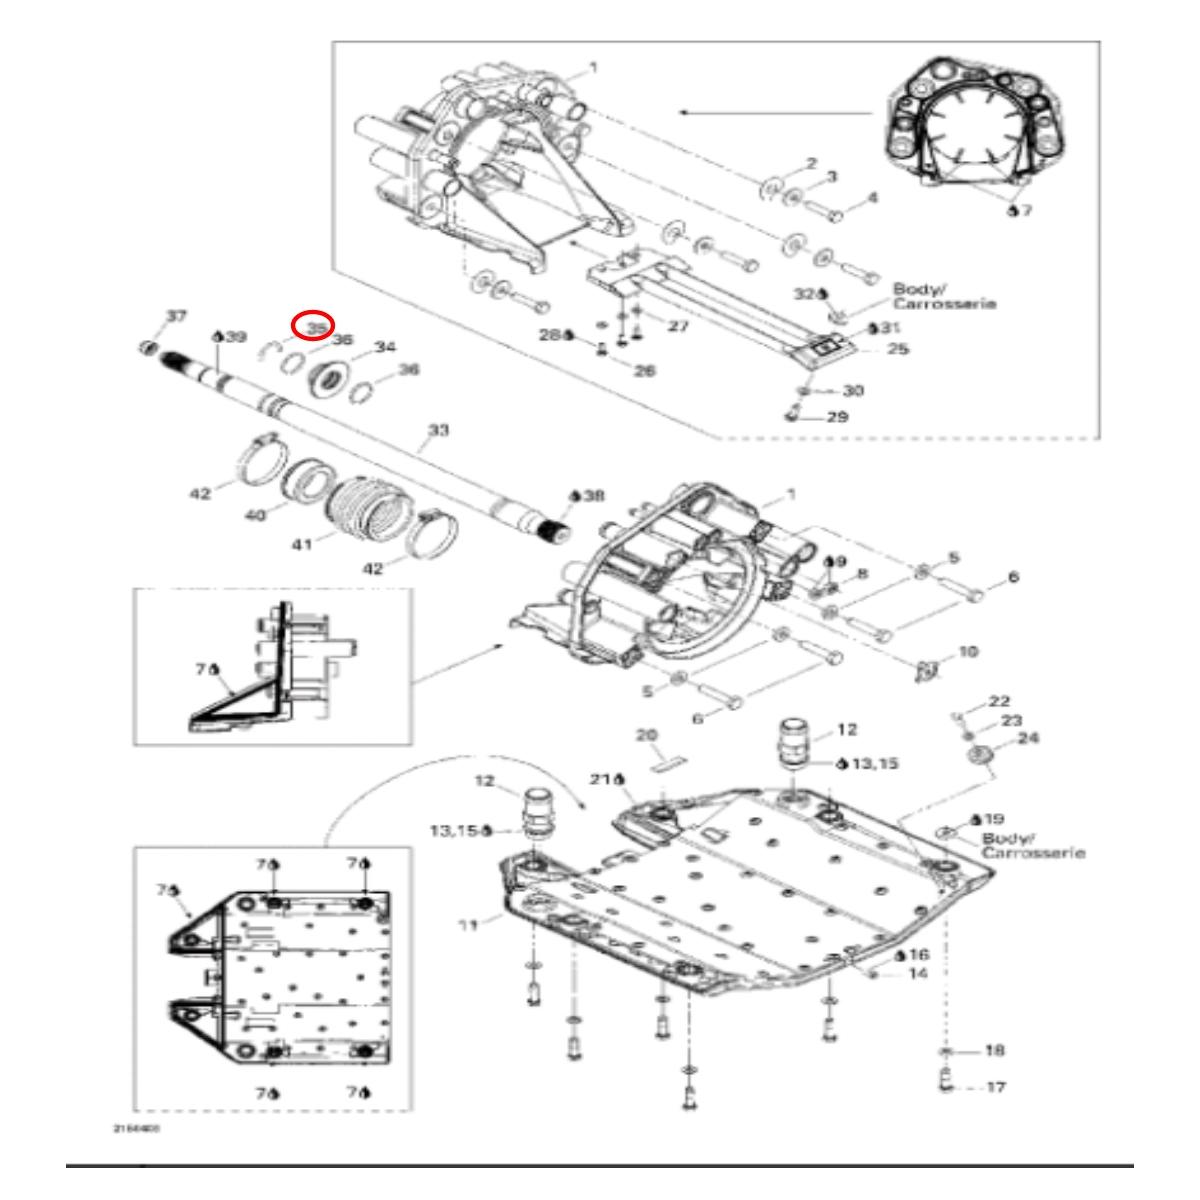 Clip Eixo Transmissão  Jet Sk iSEADOO RXP,RXT 215/255  - Radical Peças - Peças para Jet Ski